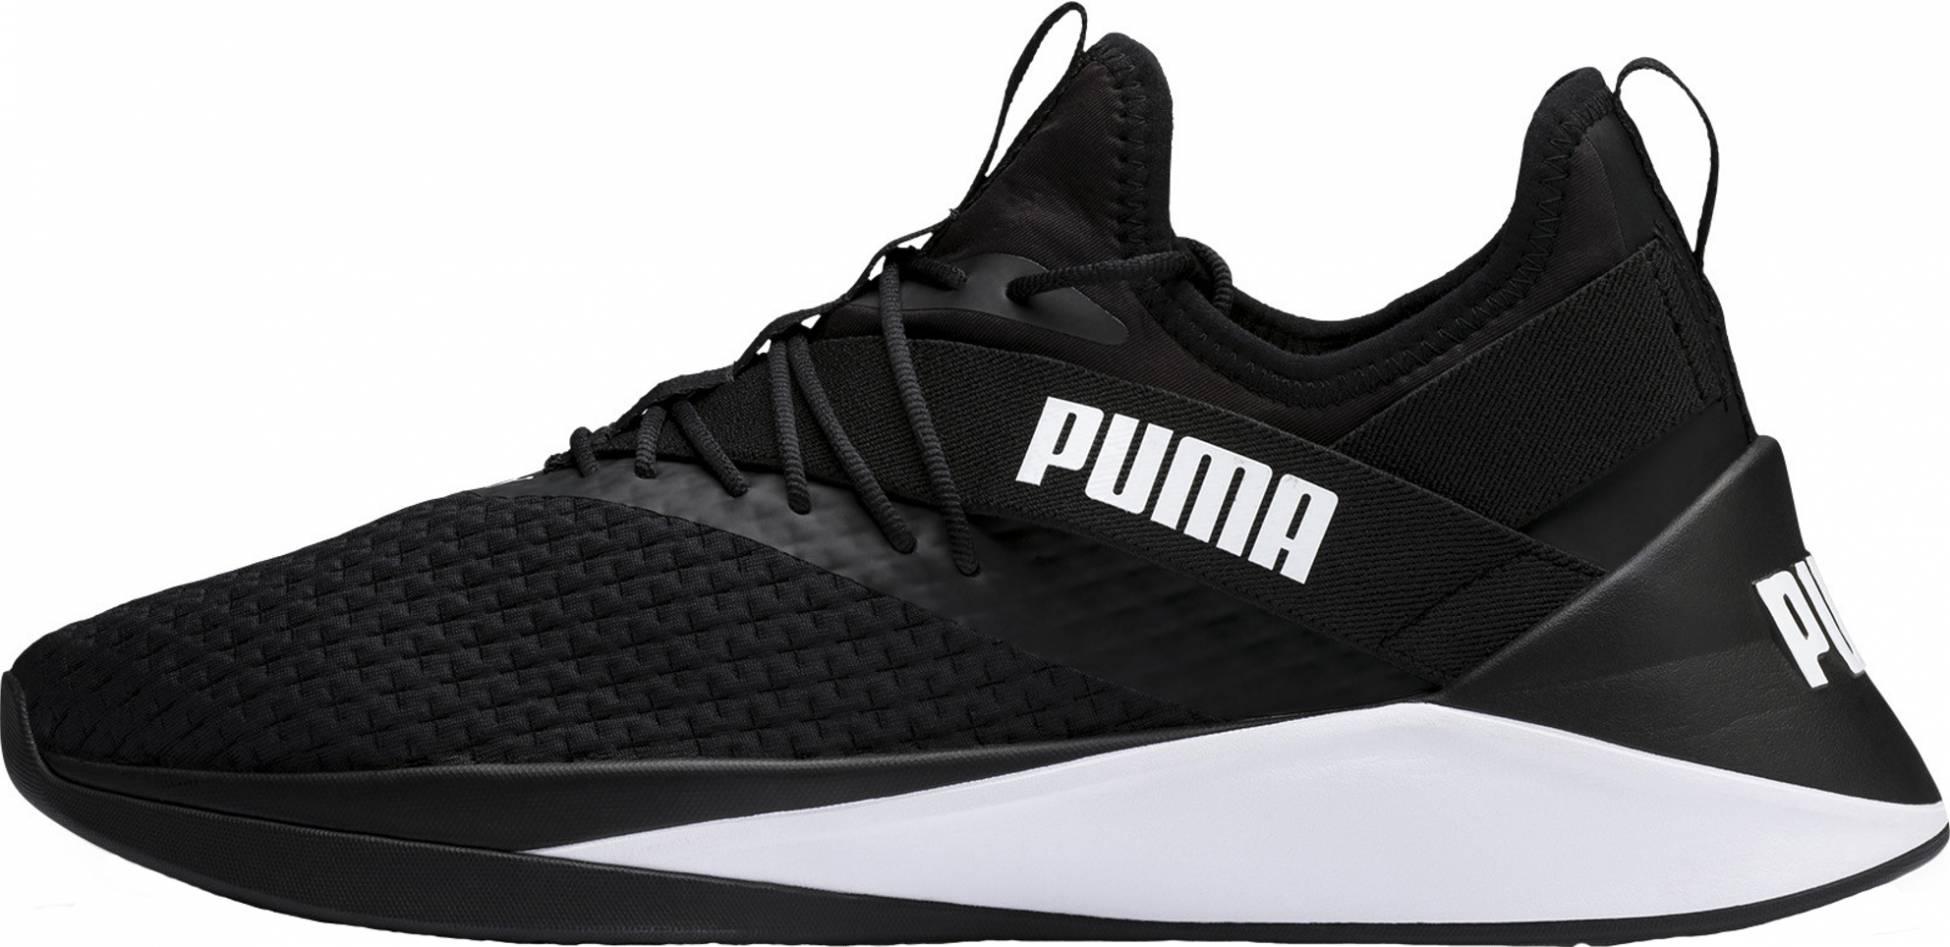 Save 59% on Puma Workout Shoes (29